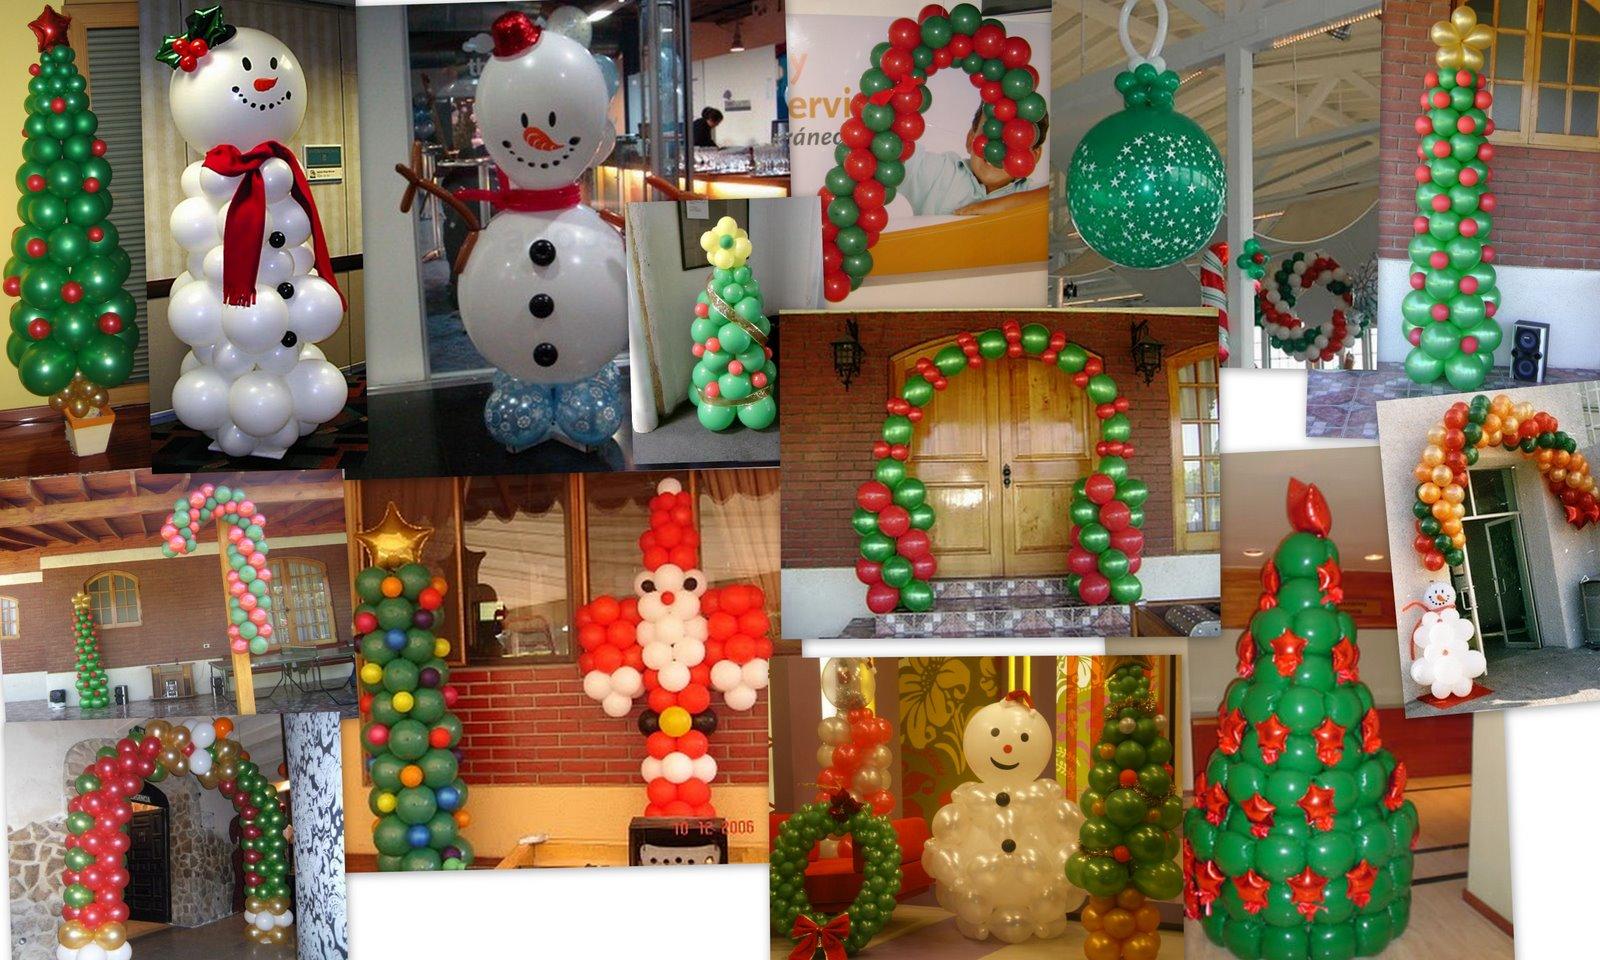 Deco globos any navidad for Ambientacion para navidad